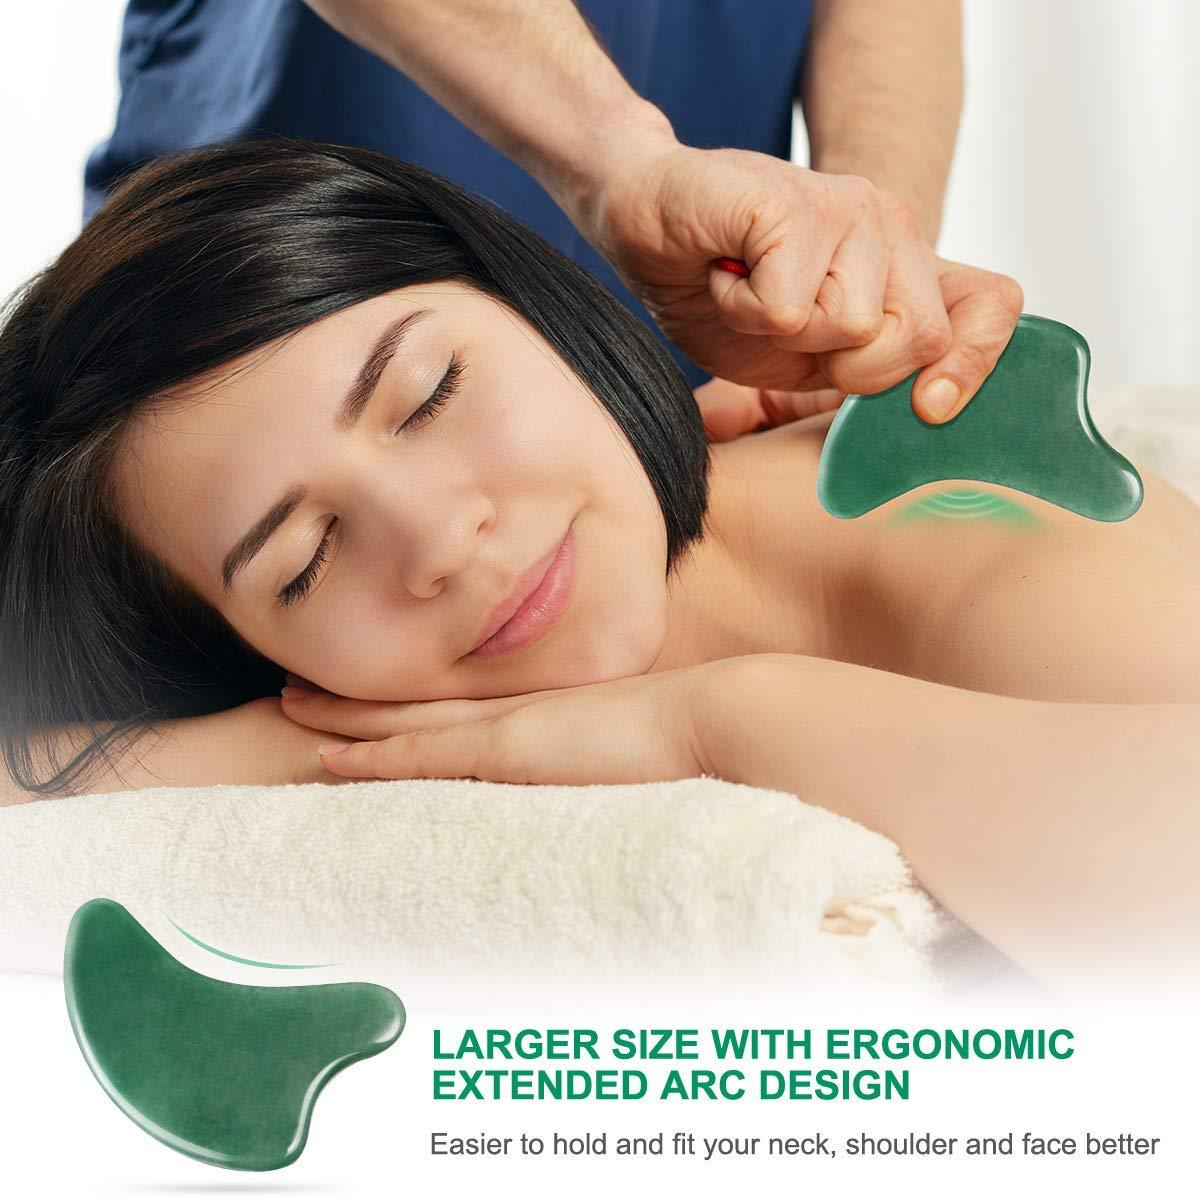 Gua Sha Tool,Natural Gua Sha Jade Stone Guasha Board for Facial Skincare, Extended Arc Design